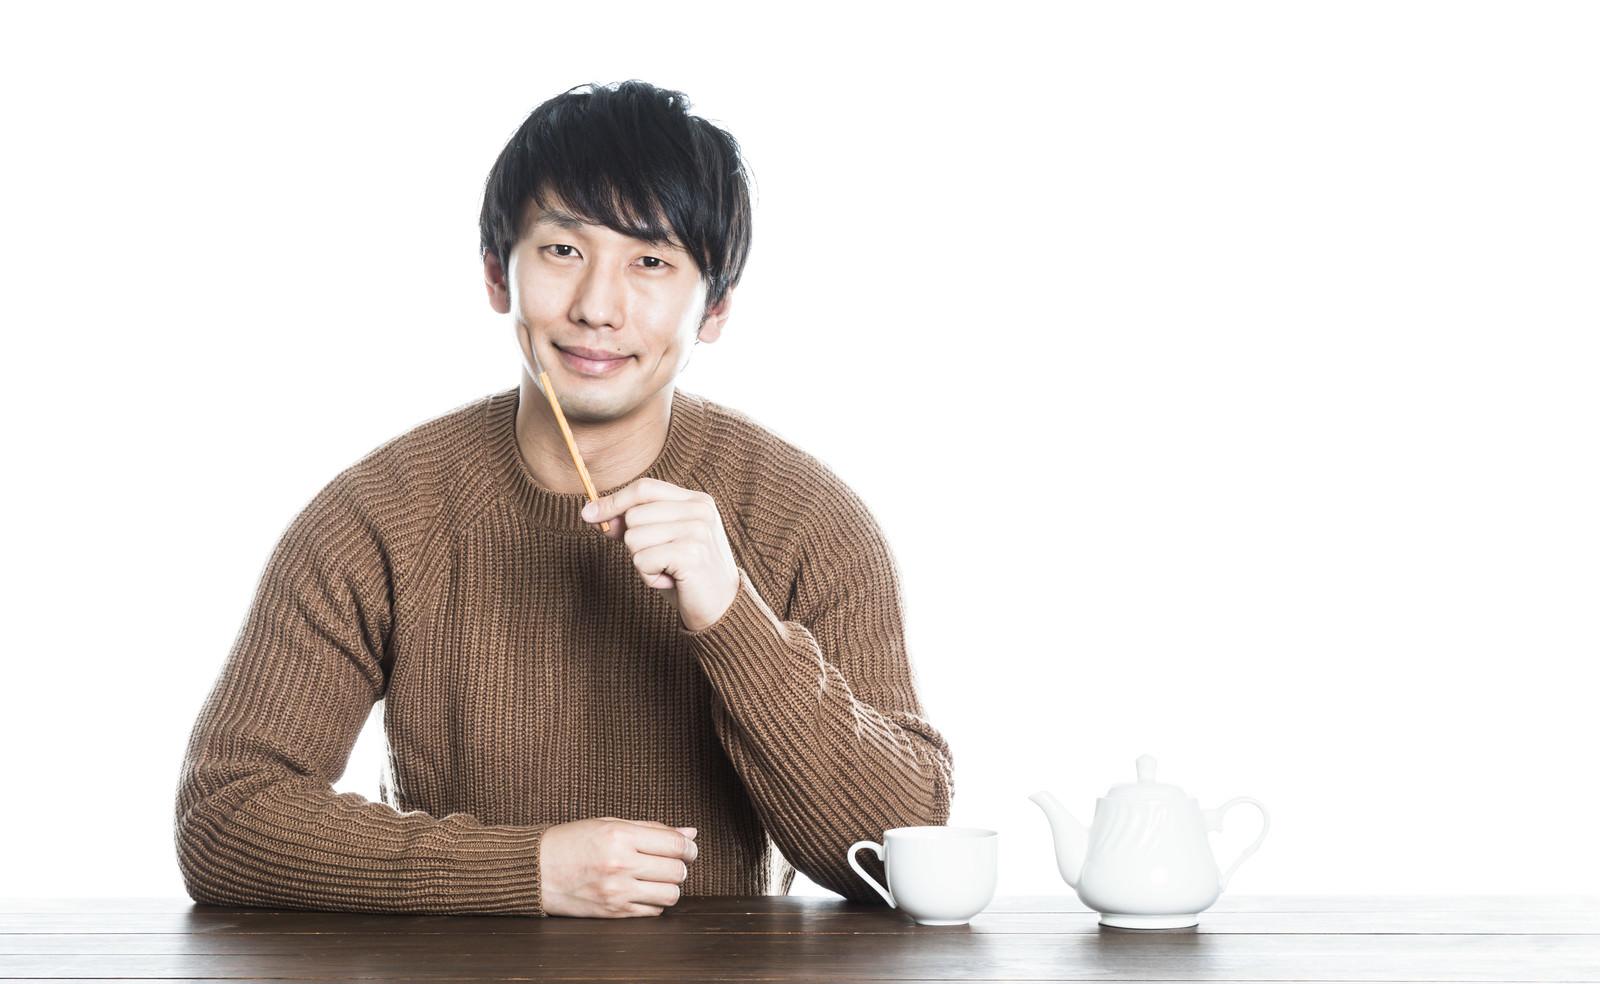 「コーヒーブレイク中のとっぽい男子」の写真[モデル:大川竜弥]